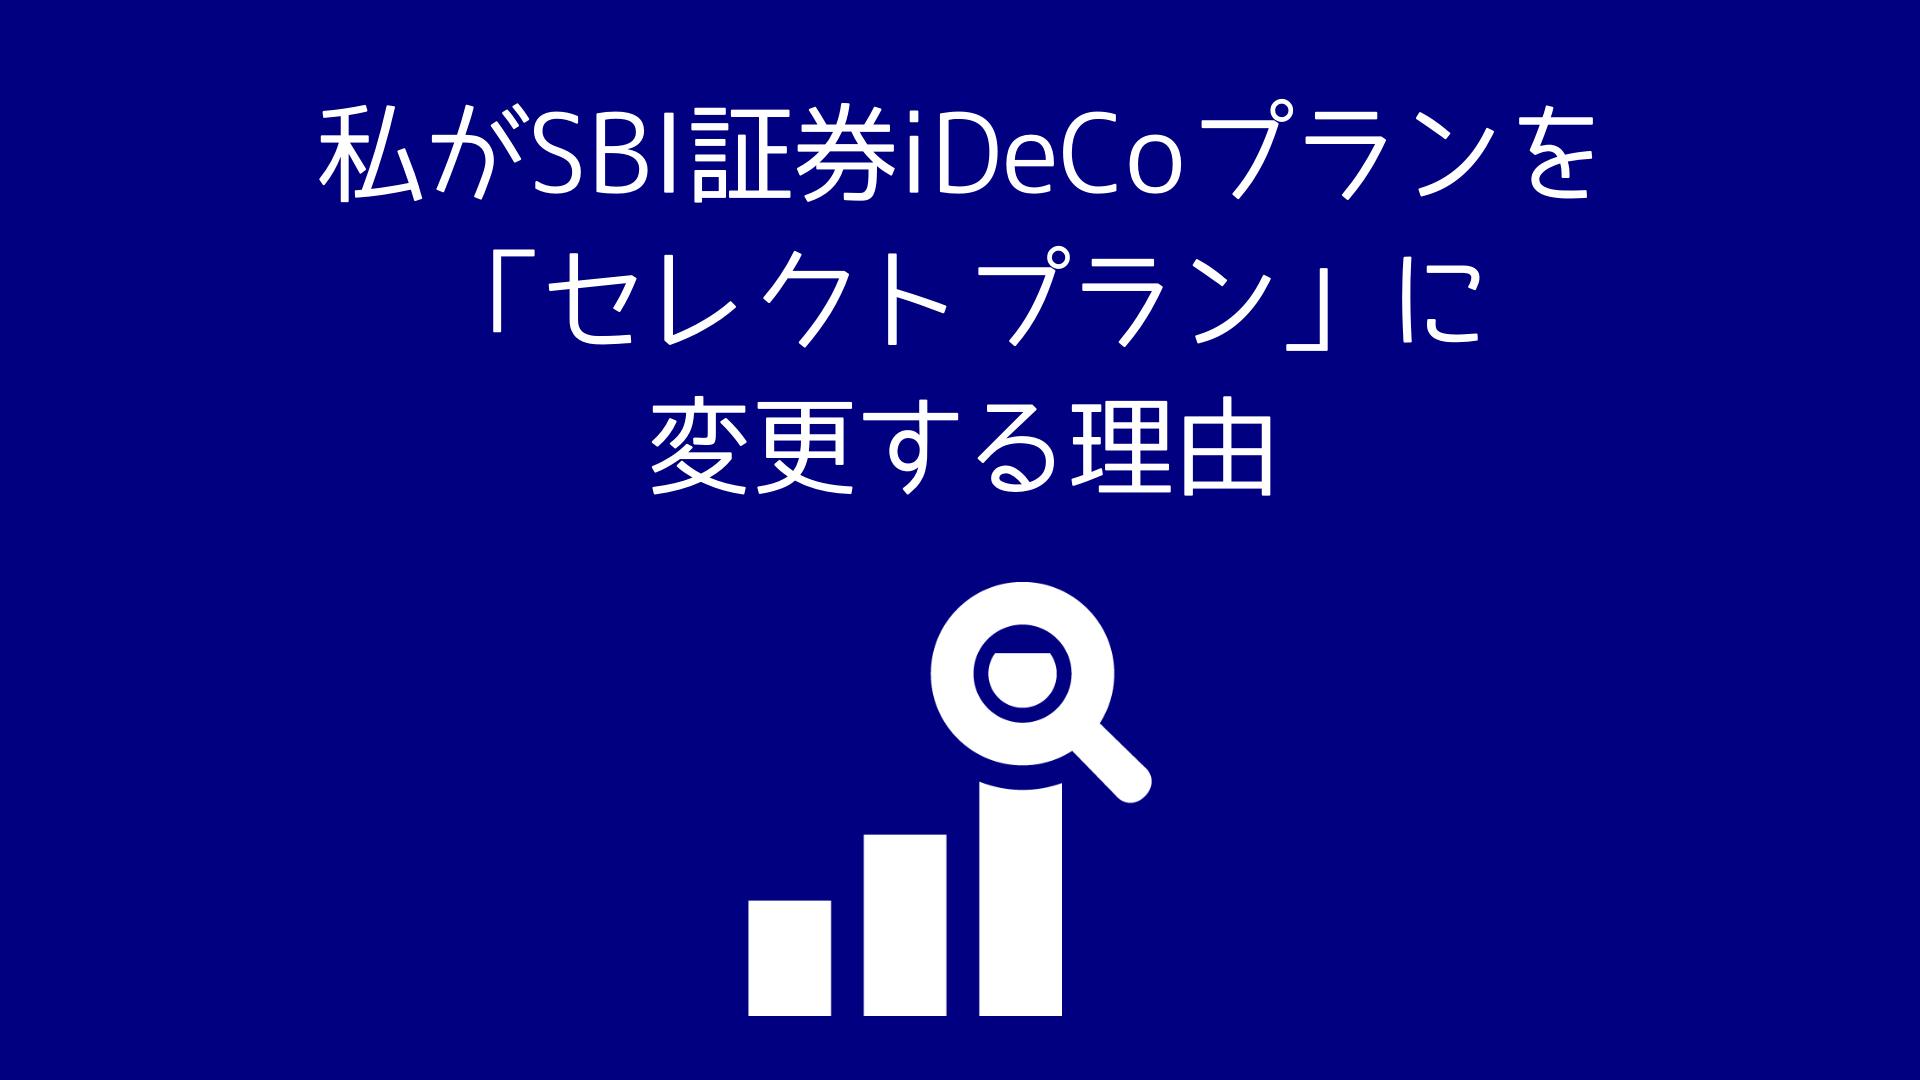 私がSBI証券iDeCoプランを「セレクトプラン」に変更する理由